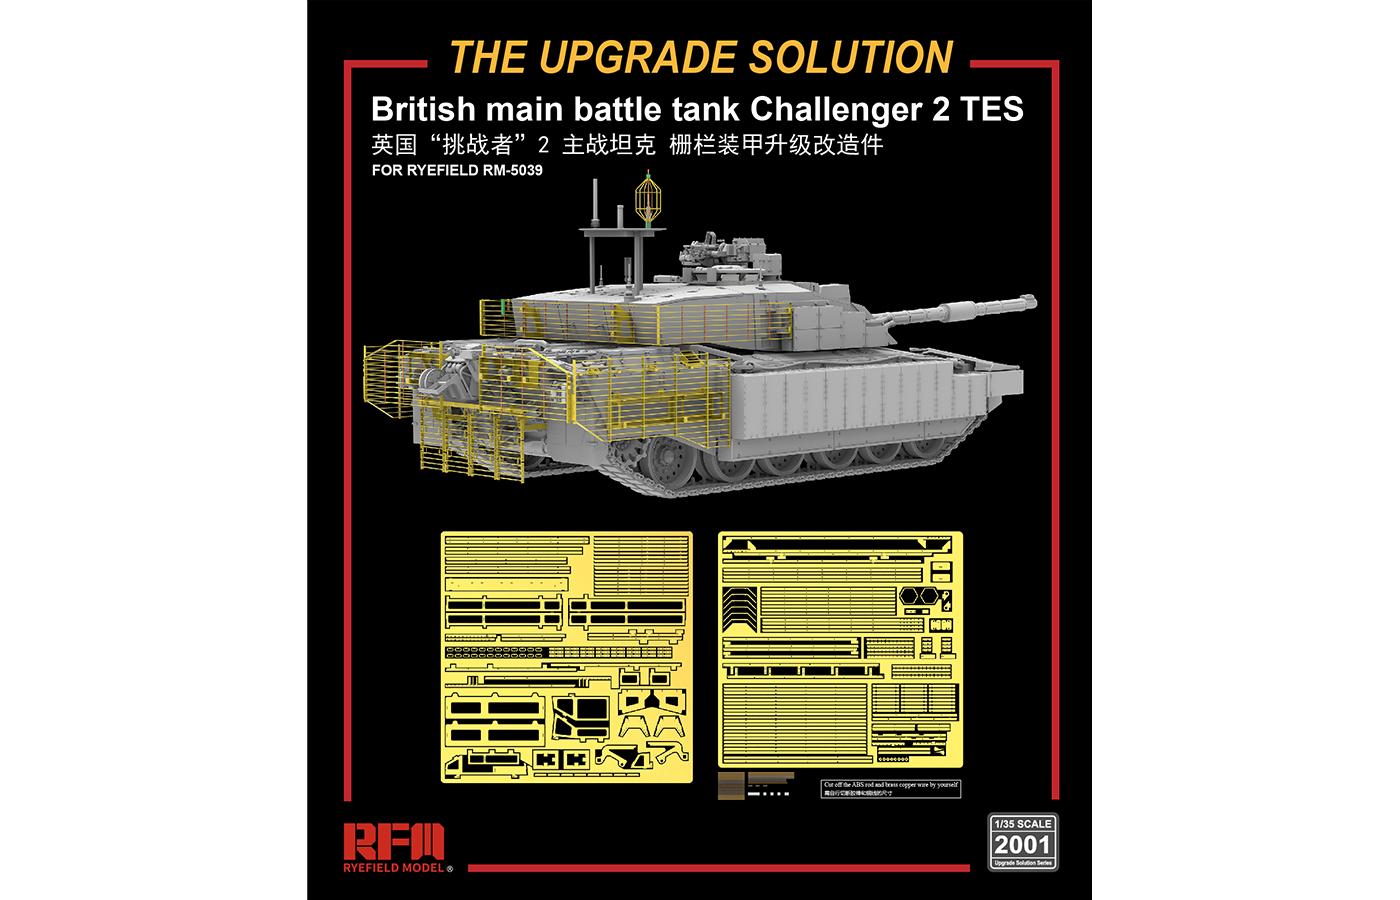 """RM-2001 英国 """"挑战者"""" 2 主战坦克 栅栏装甲升级改造件"""